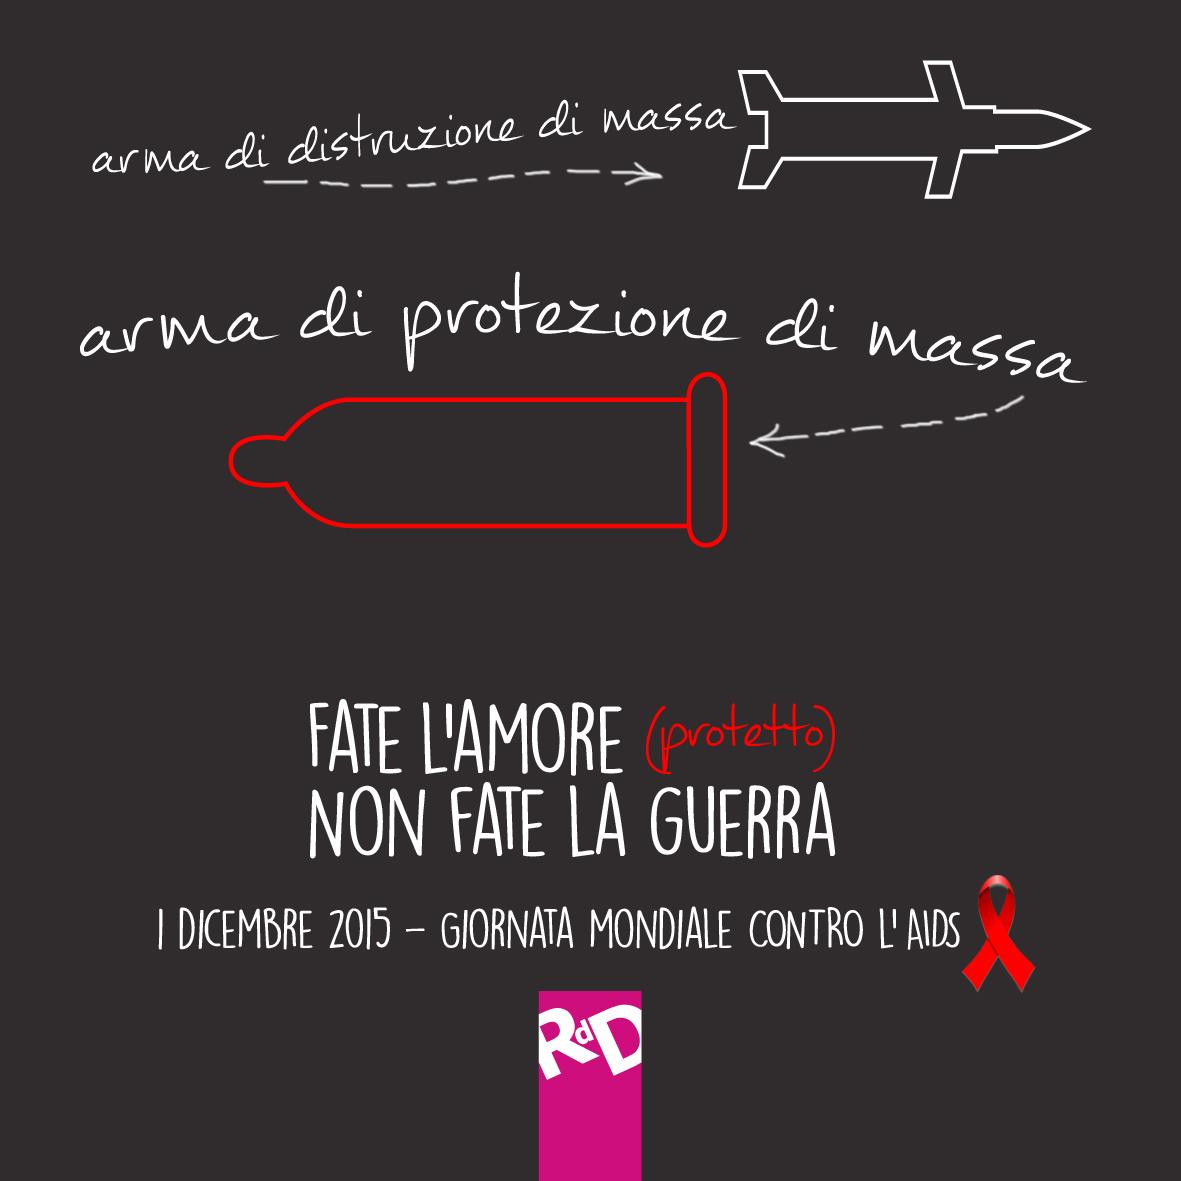 Roba da Donne per la Giornata Mondiale per la lotta all'AIDS